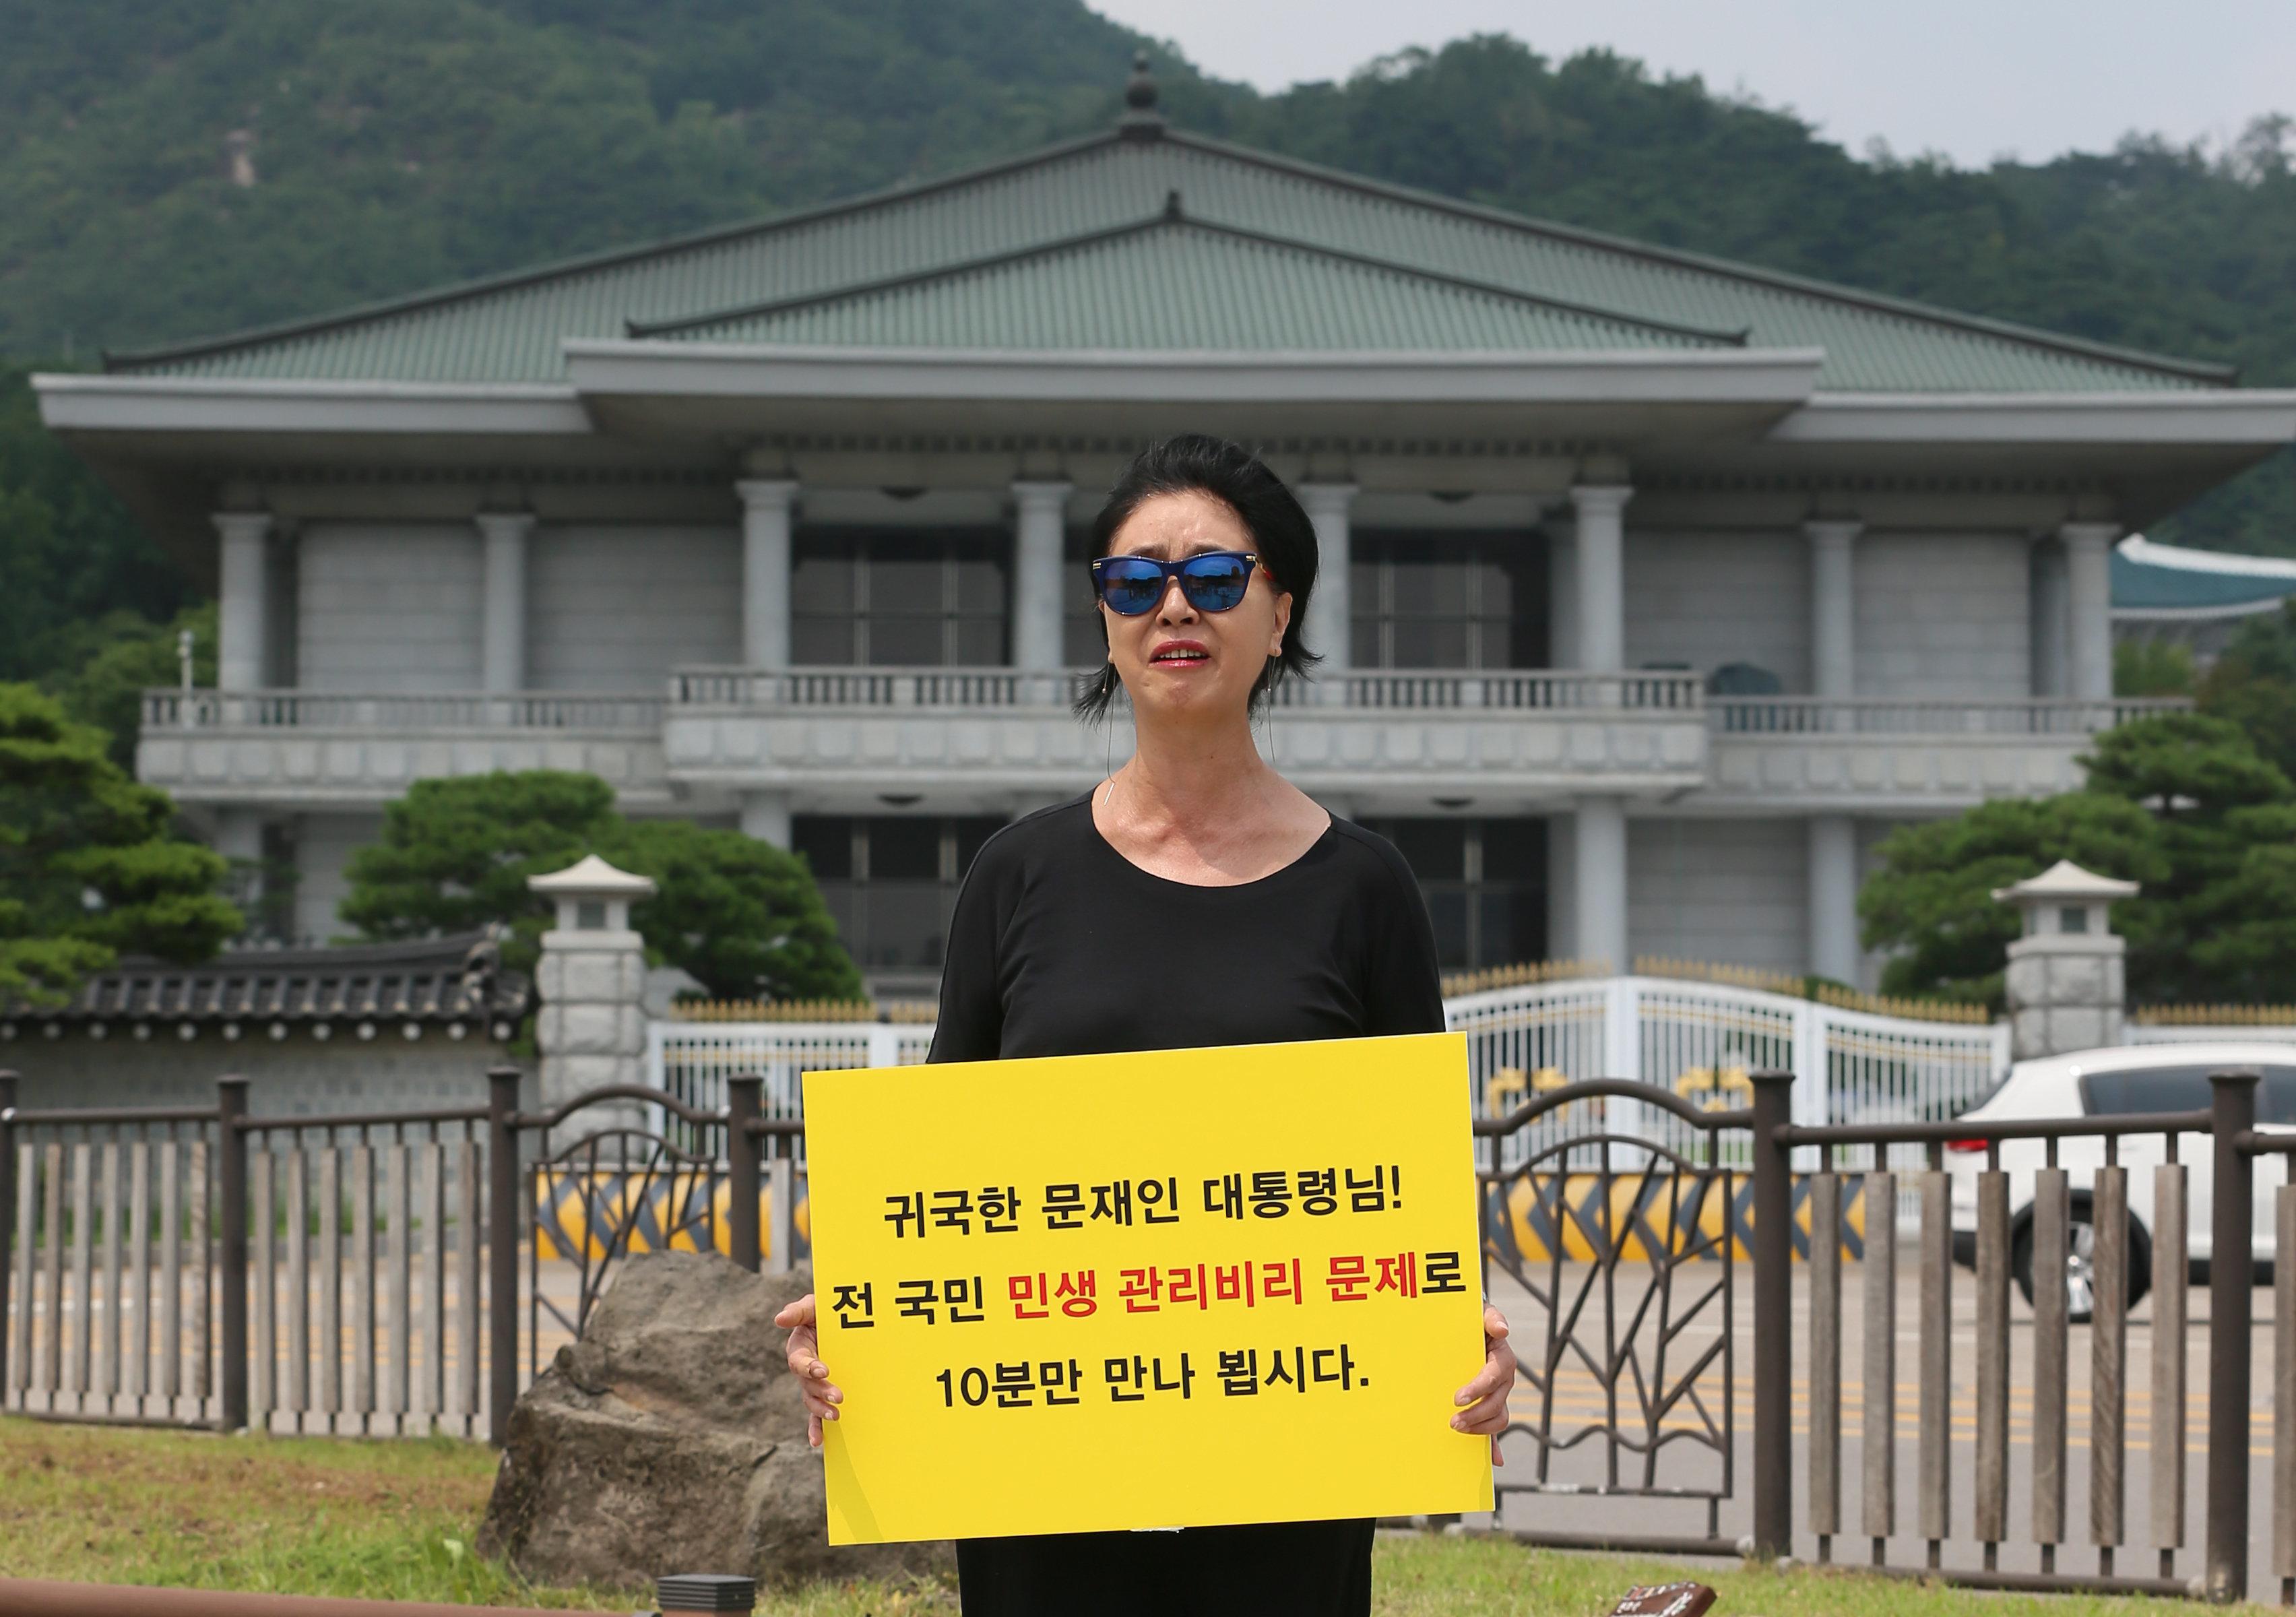 """김부선이 """"이재명 본인이 직접 나를 고소하라""""고 촉구한 이유 분석"""